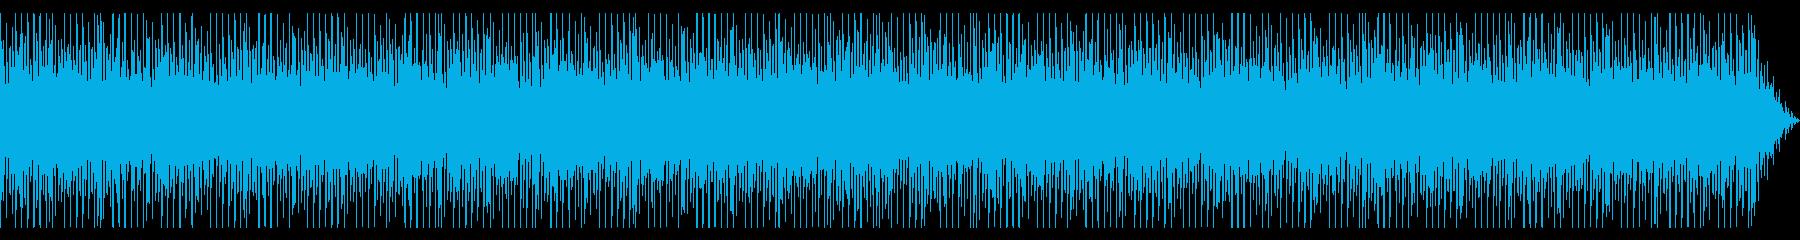 カフェ・雑貨屋 オシャレなジプシージャズの再生済みの波形